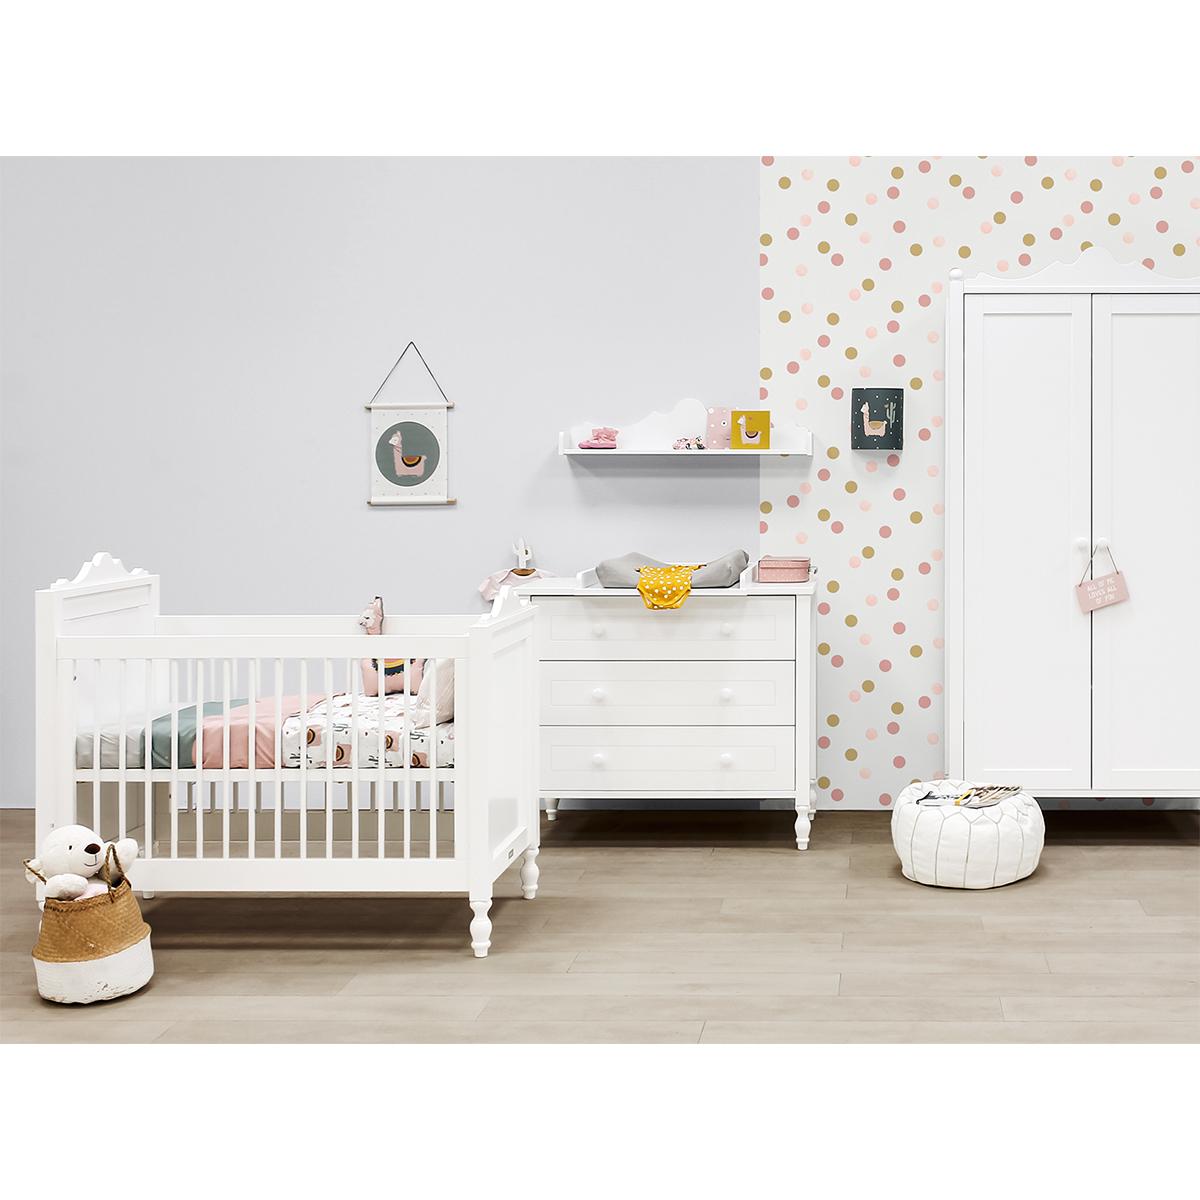 Chambre complète lit évolutif 70x140 - commode à langer - armoire 2 portes Bopita Belle - Blanc